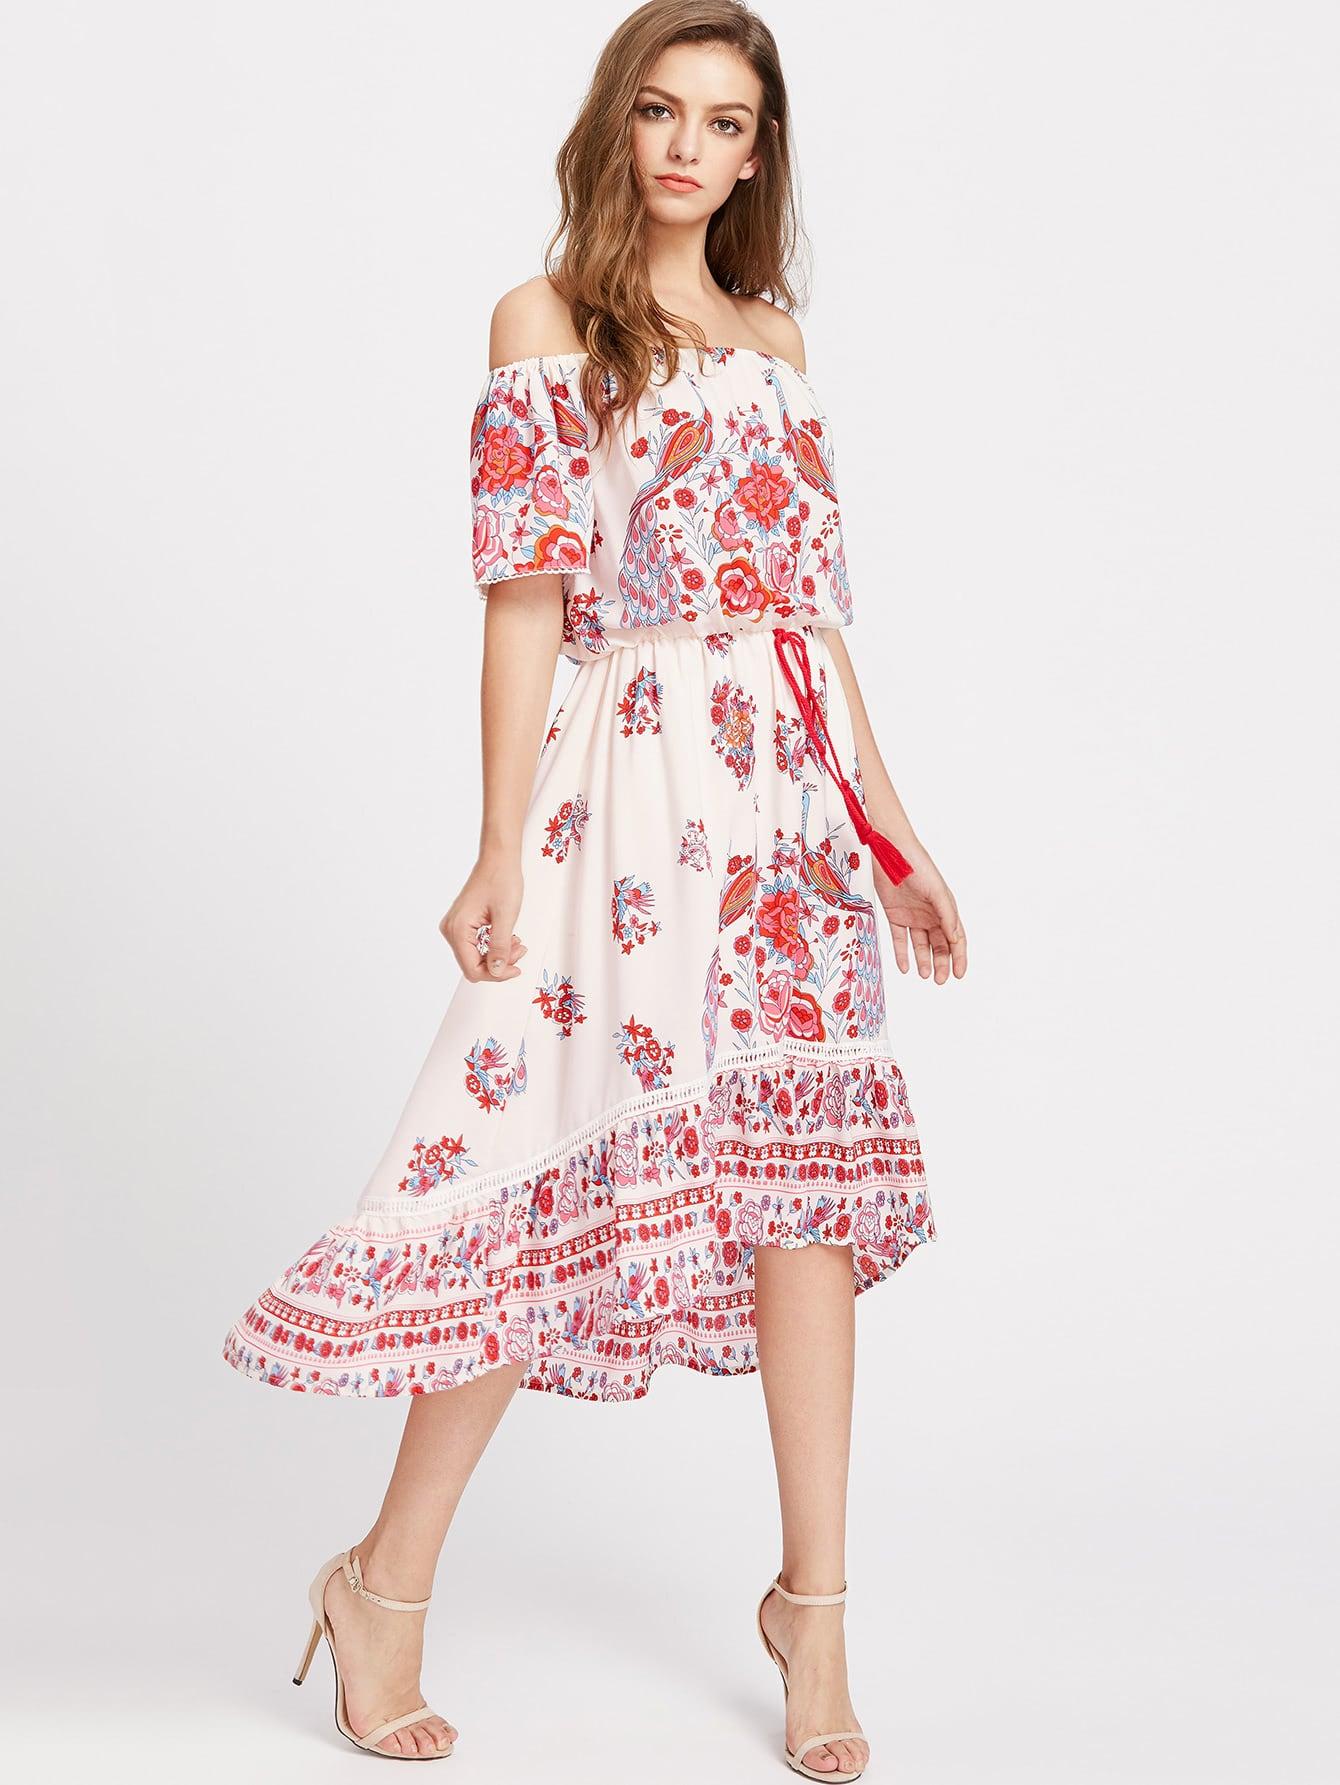 dress170425204_2